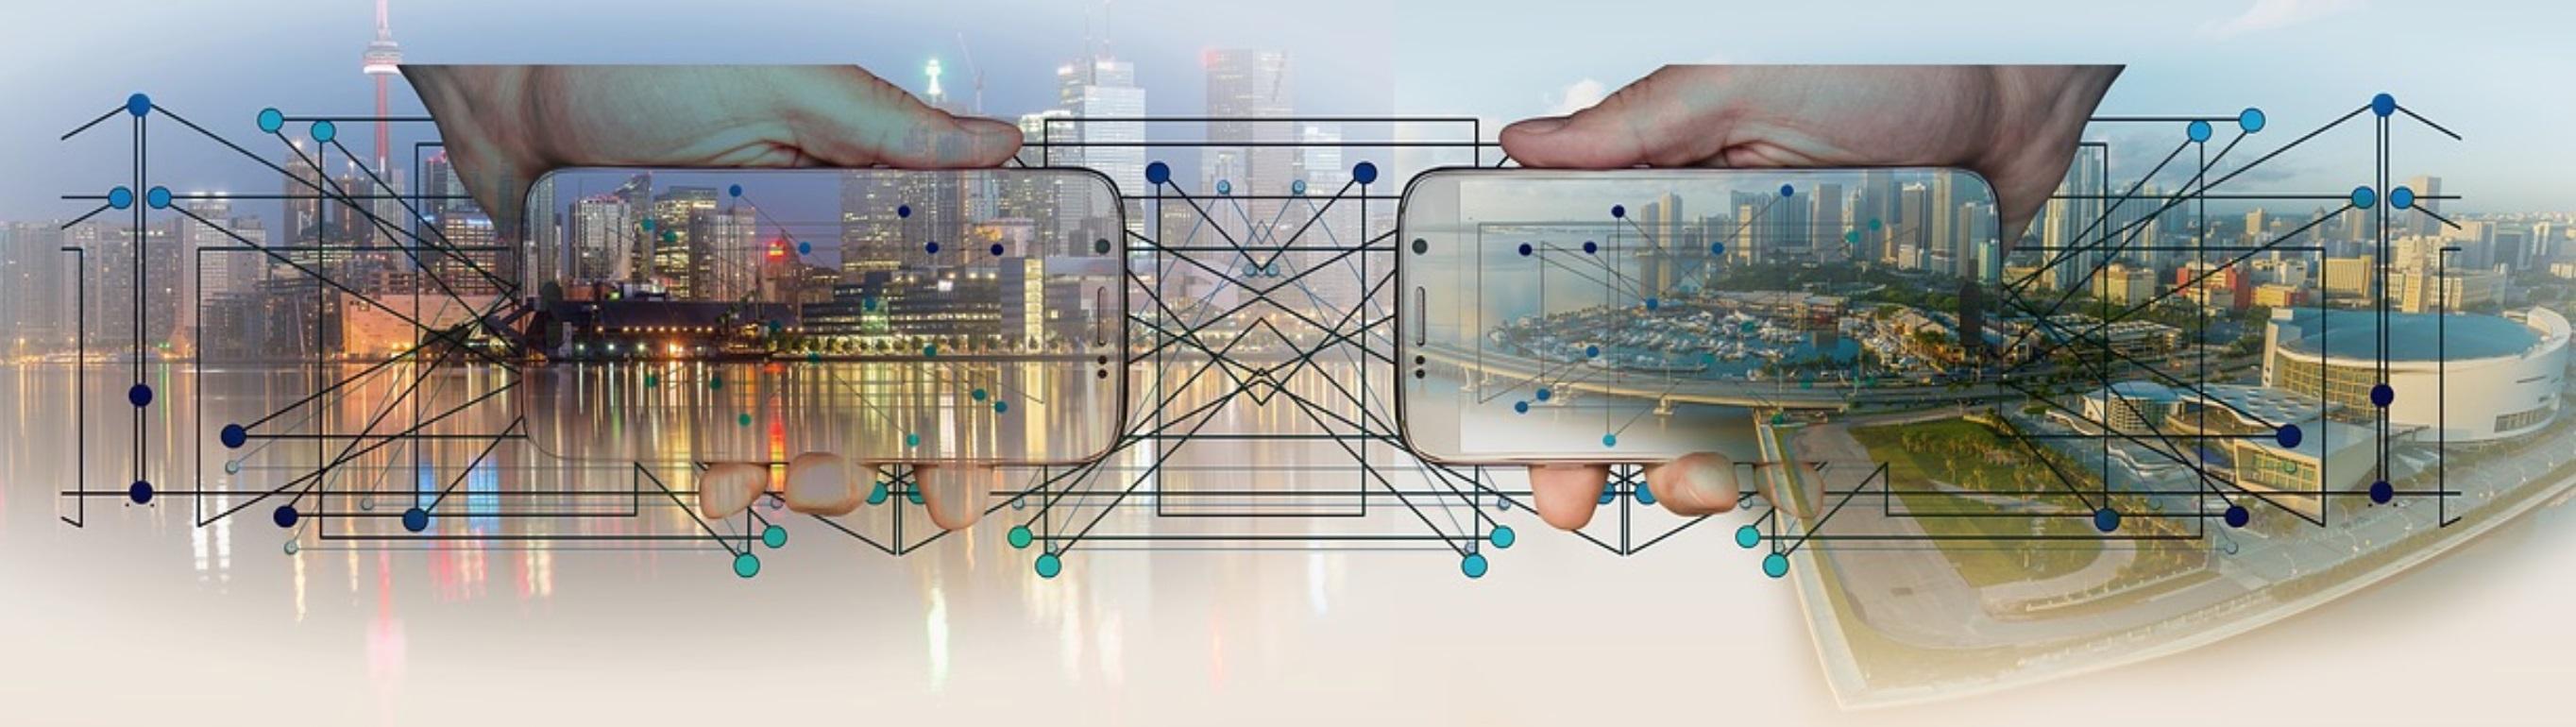 Беспроводная передача данных подталкивает все большее количество устройств к работе в конечных узлах